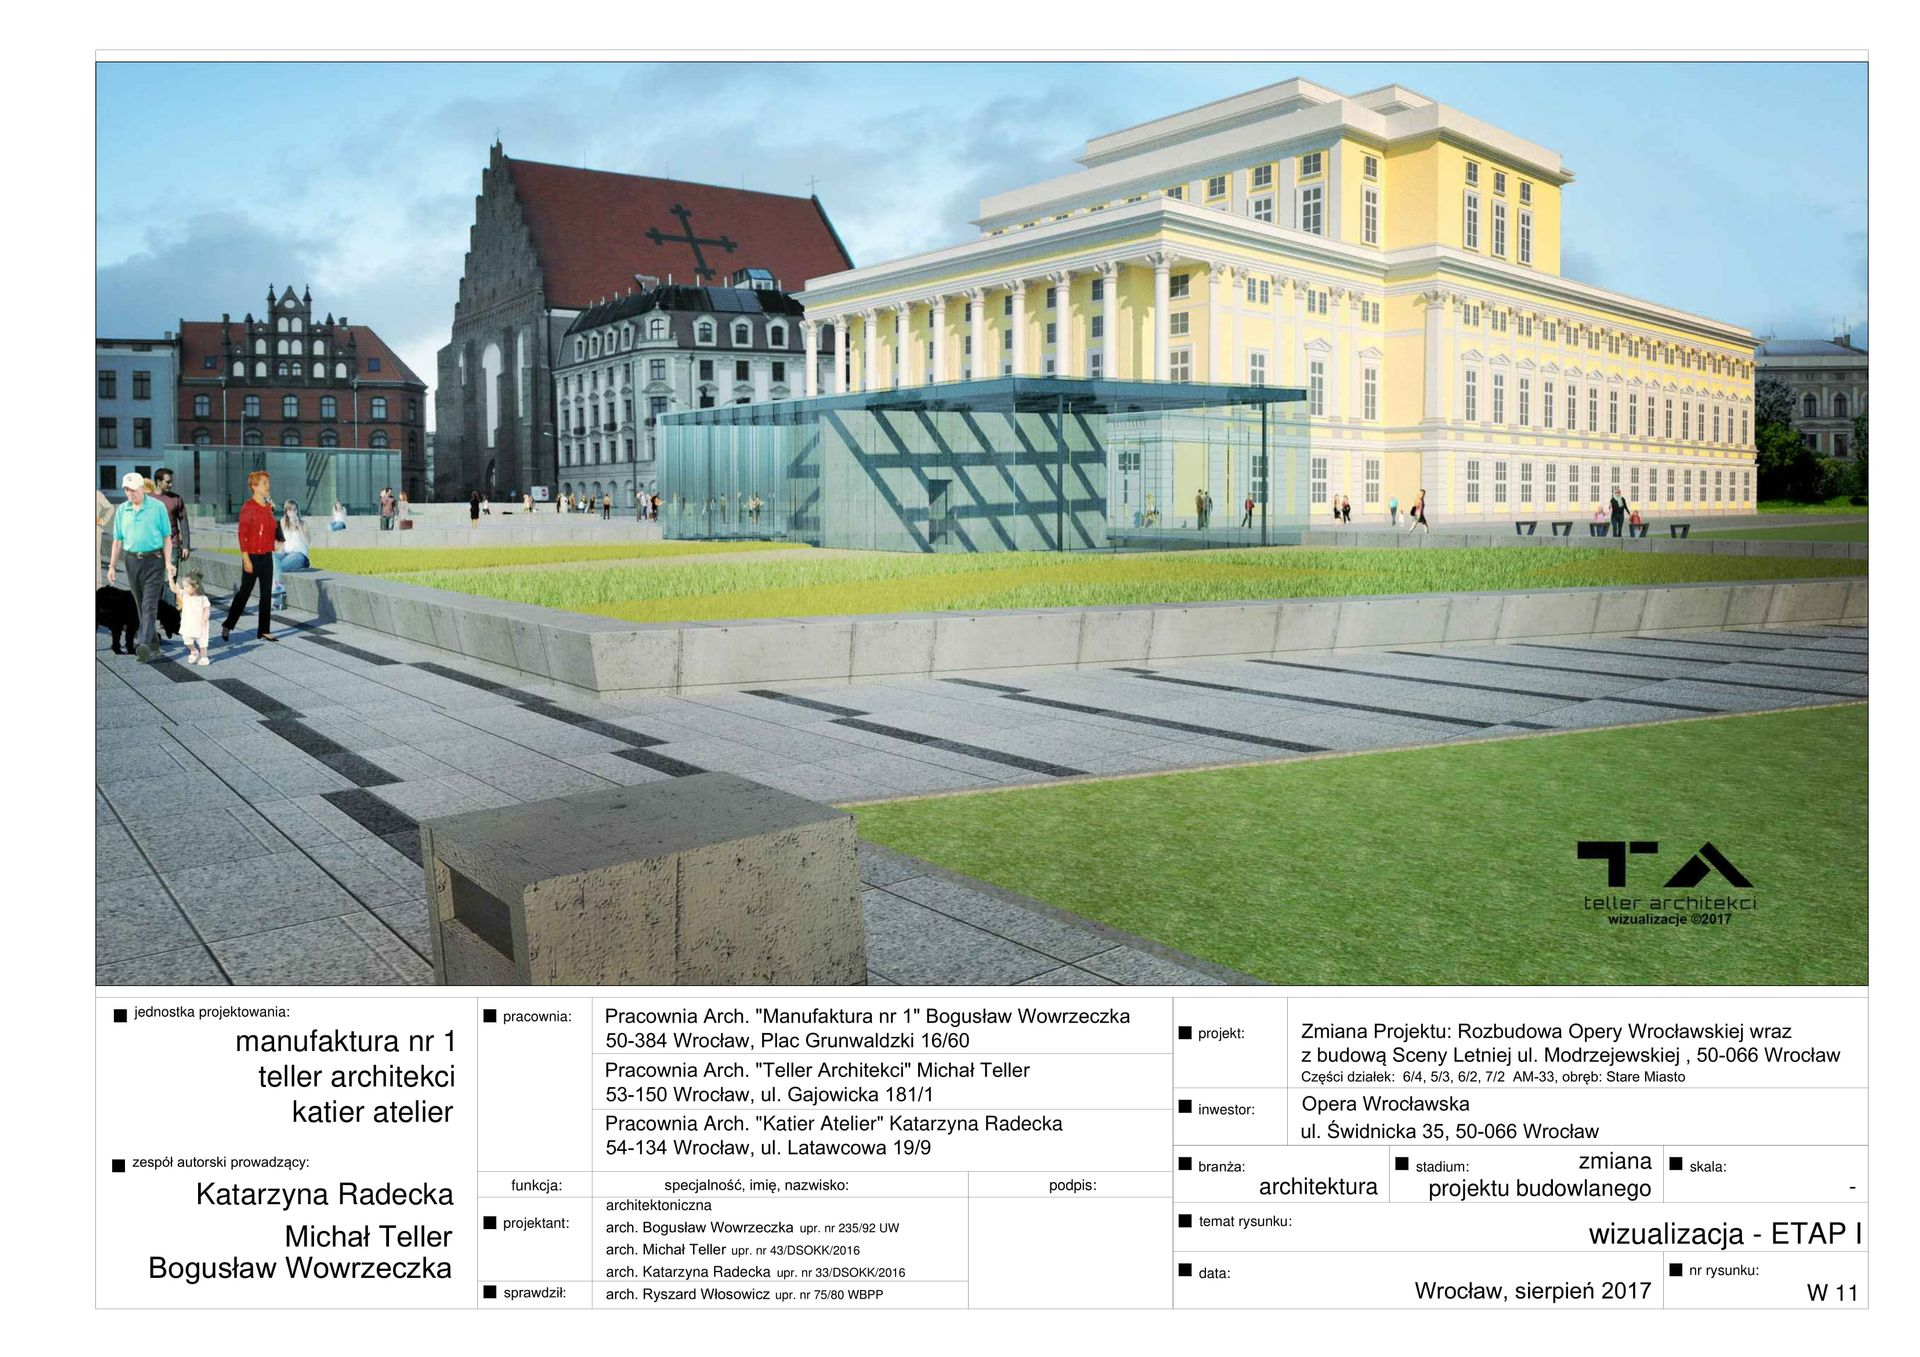 Wrocław: Opera się rozbudowuje. Powstaną Scena Letnia i nowy budynek